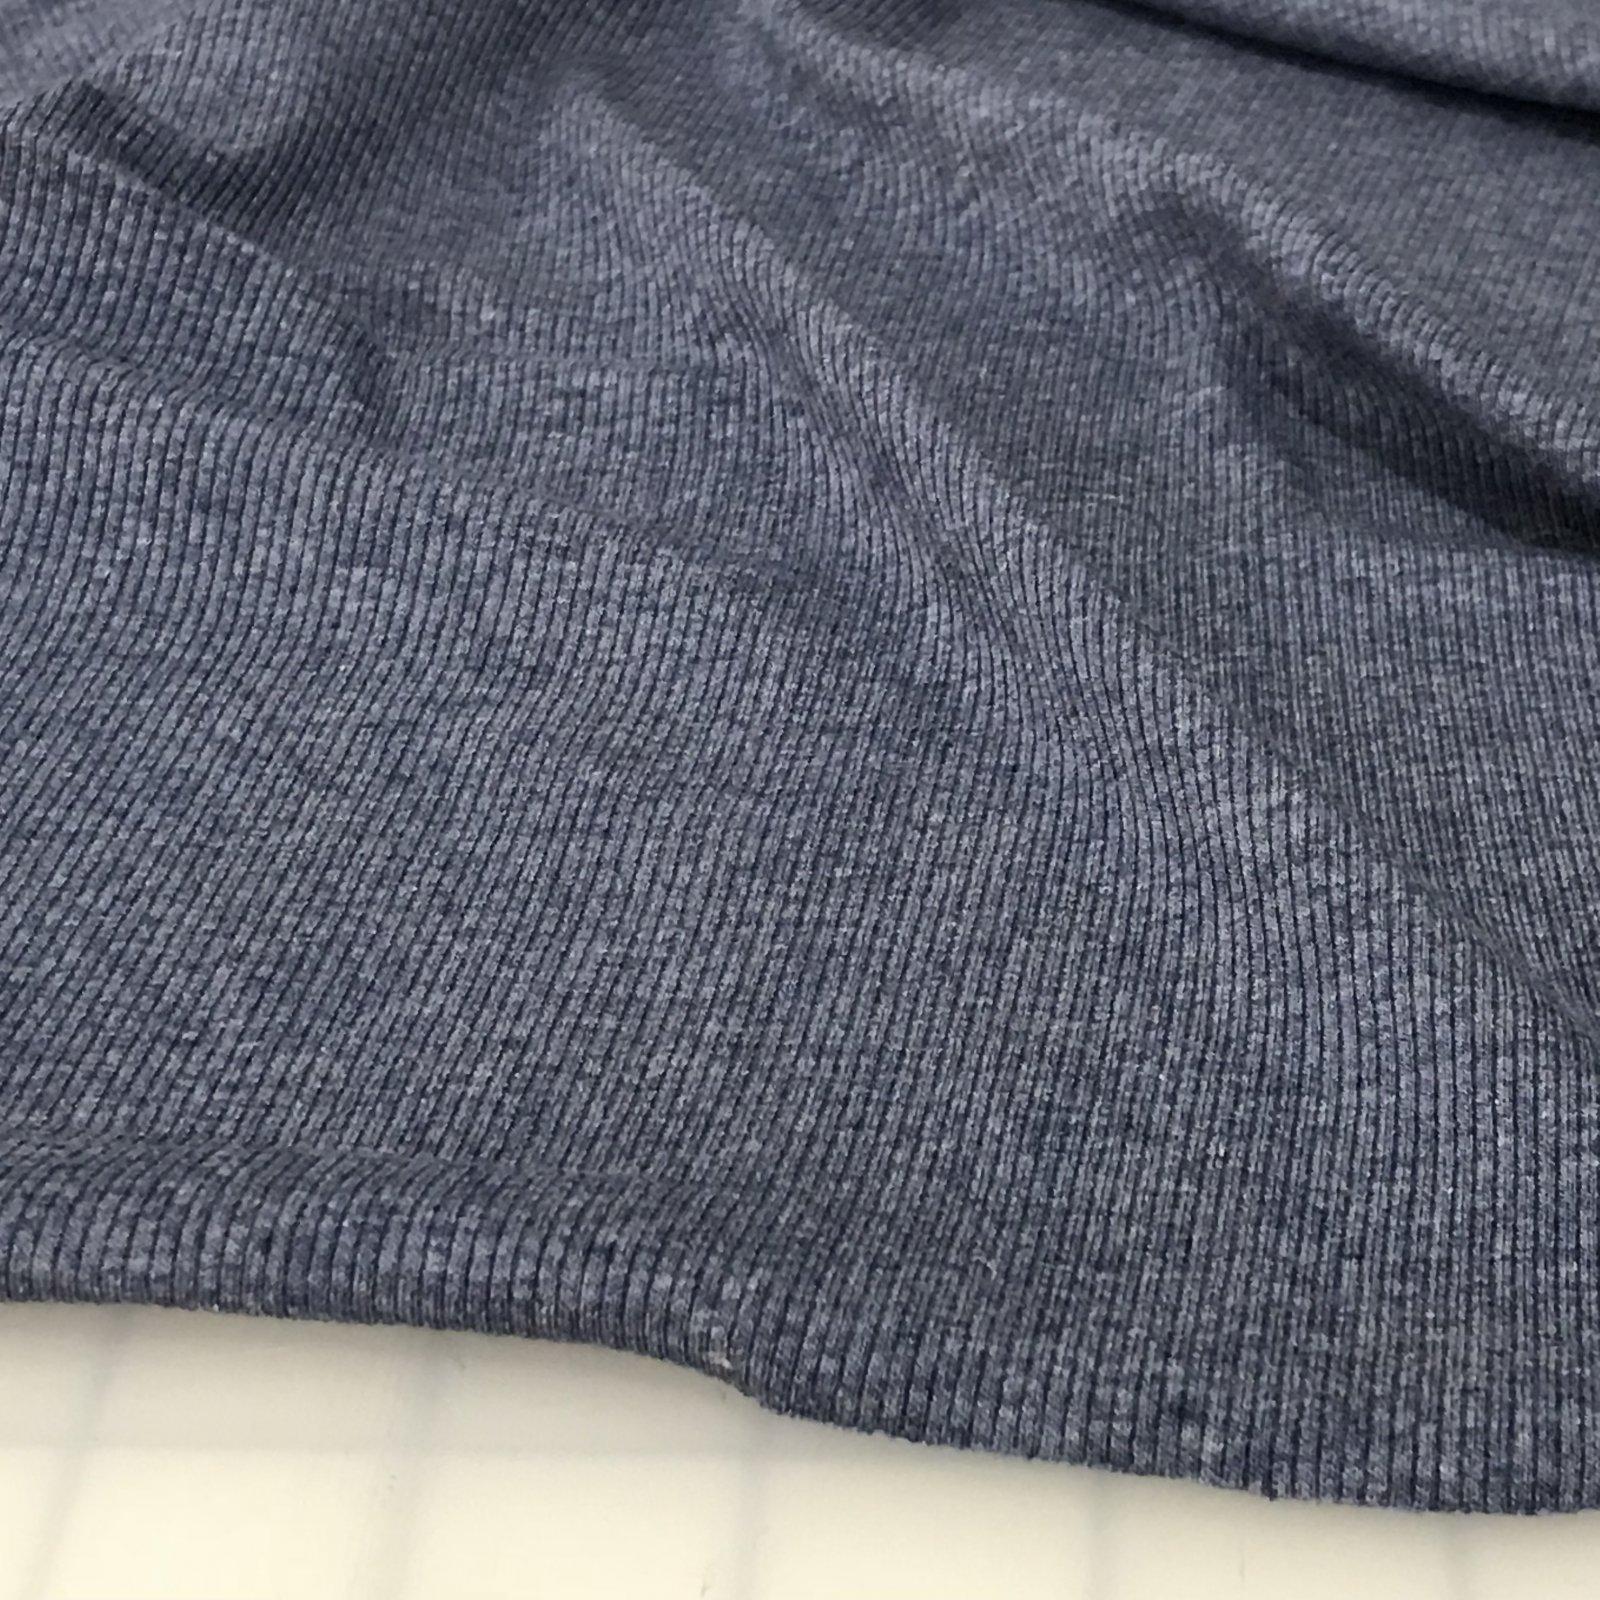 Rib Knit -  2 X 1 - Blue